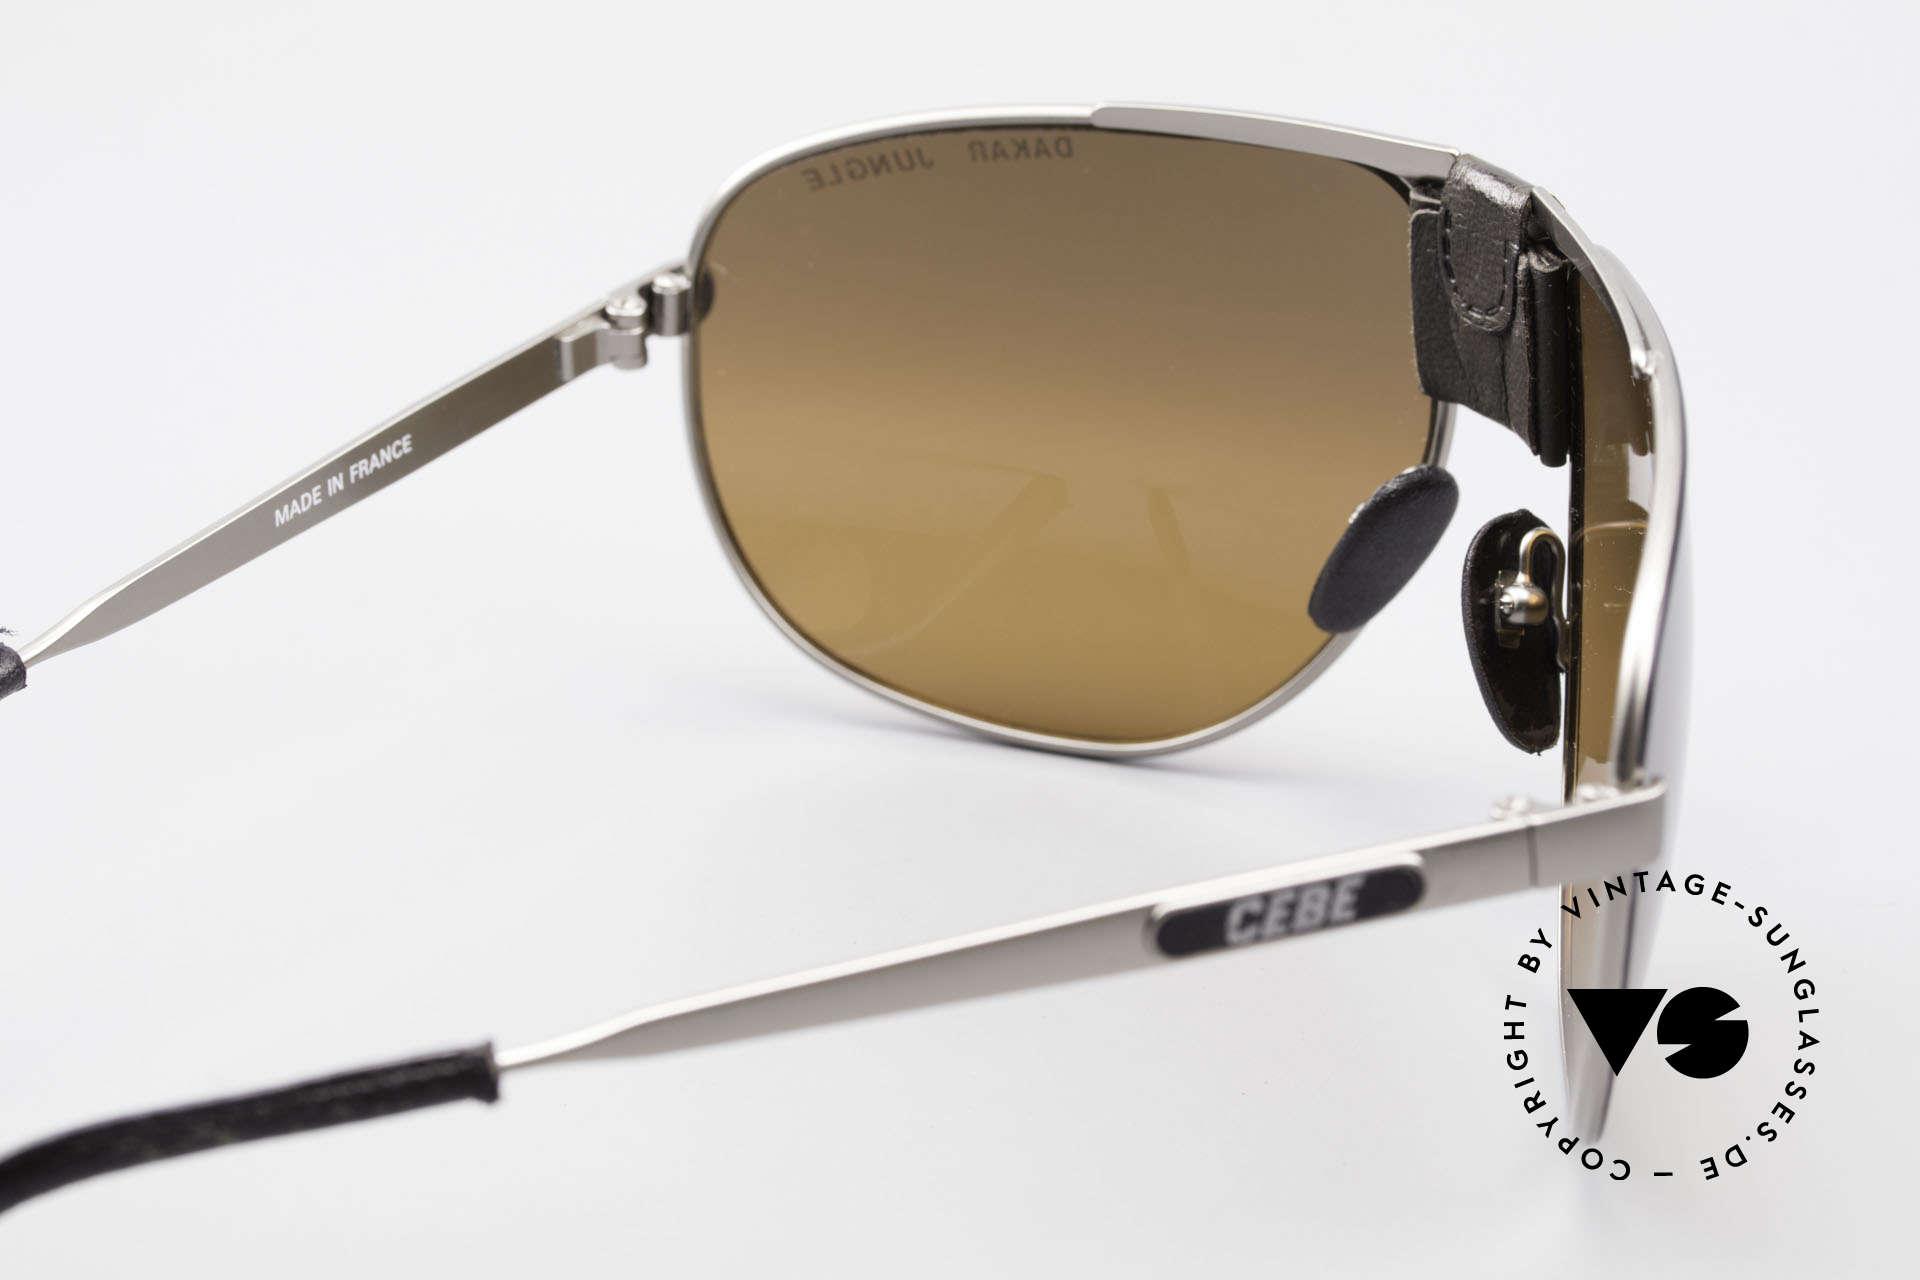 Cebe Dakar Jungle QD02 High-Tech Renn Sonnenbrille, ein 30 Jahre altes Original; Leder blättert leicht ab, Passend für Herren und Damen